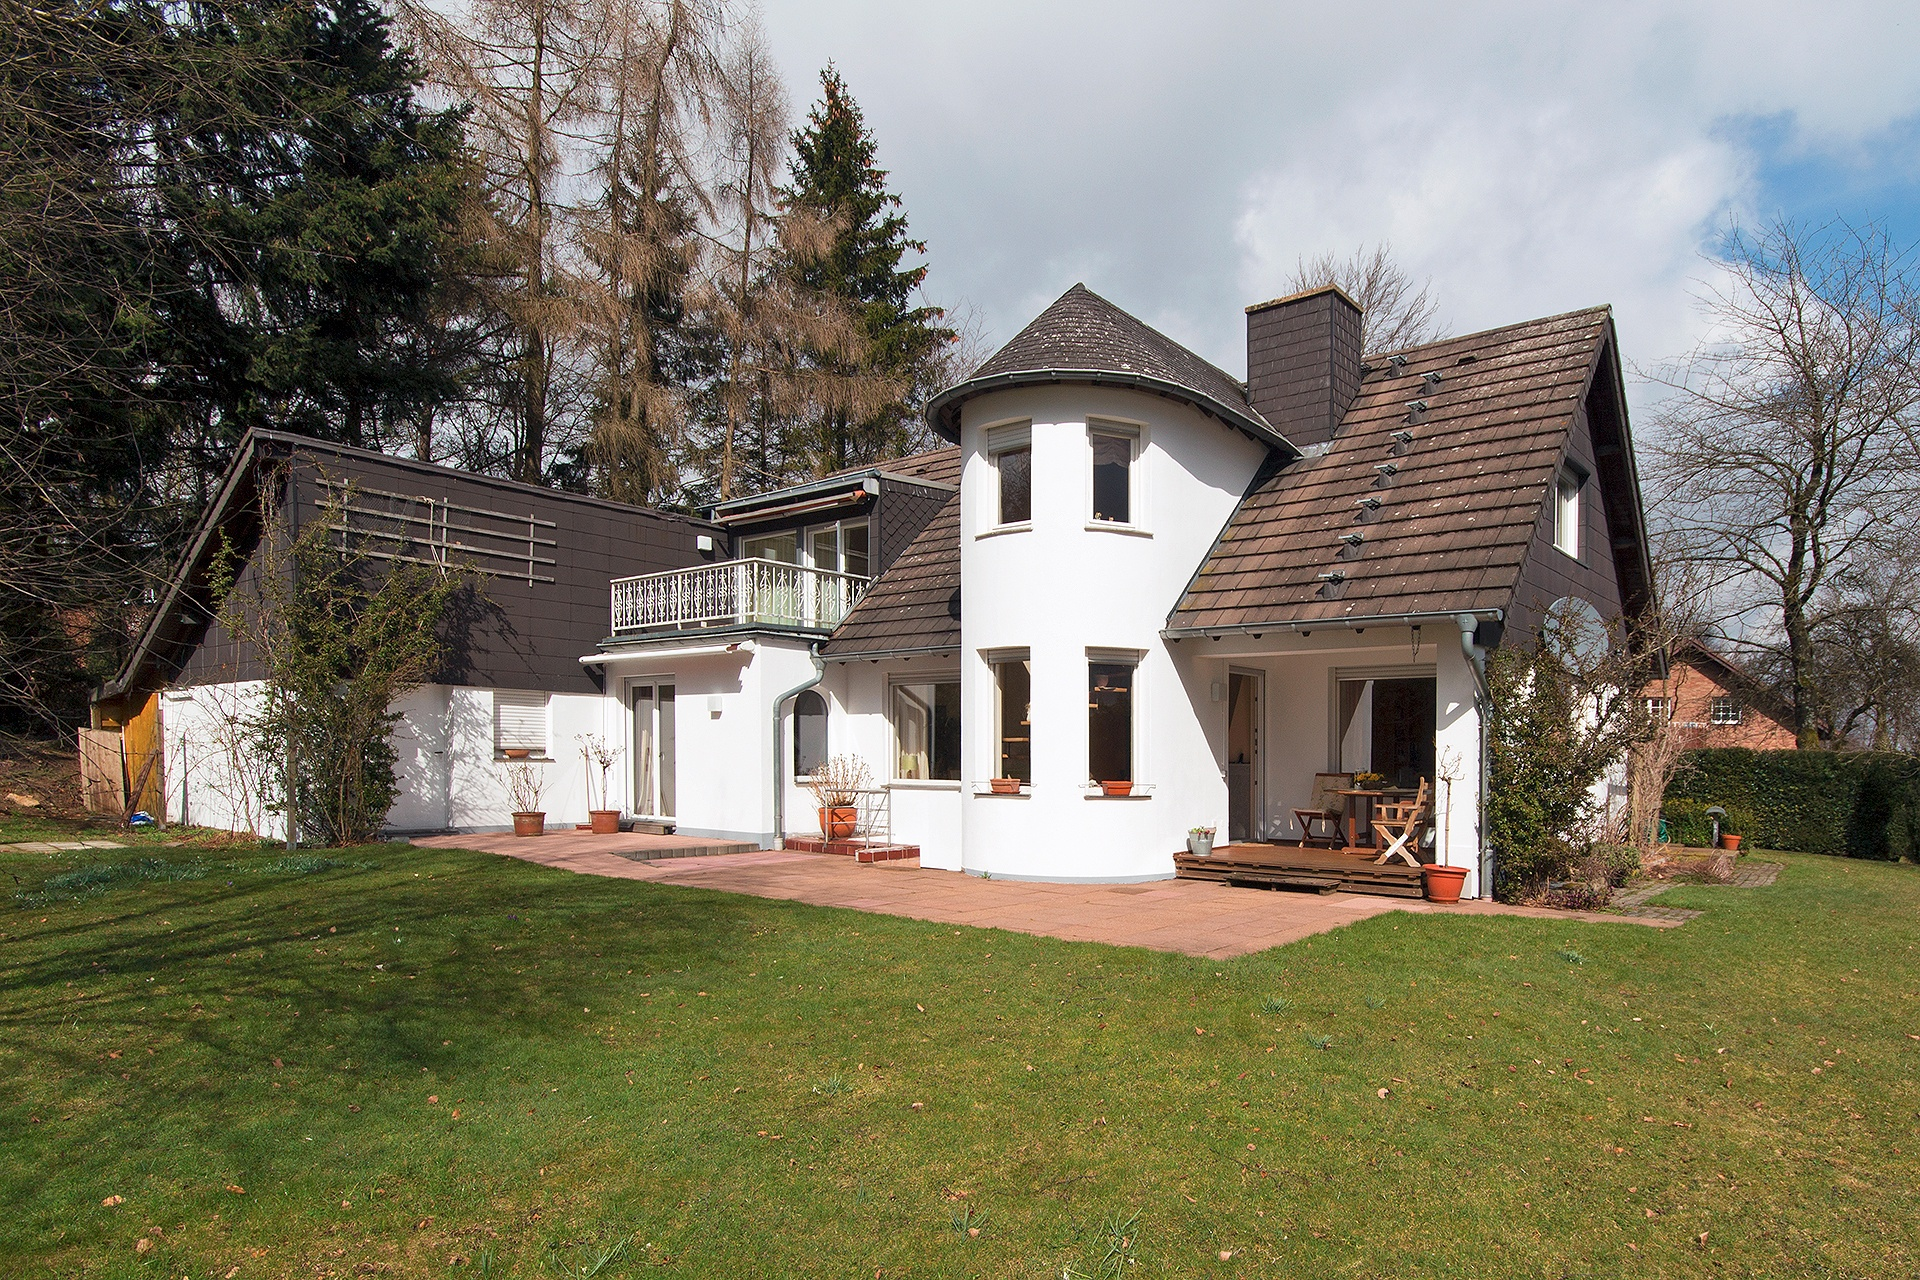 Immobilienmakler Monschau Einfamilienhaus referenzen mit Immobilienbewertung